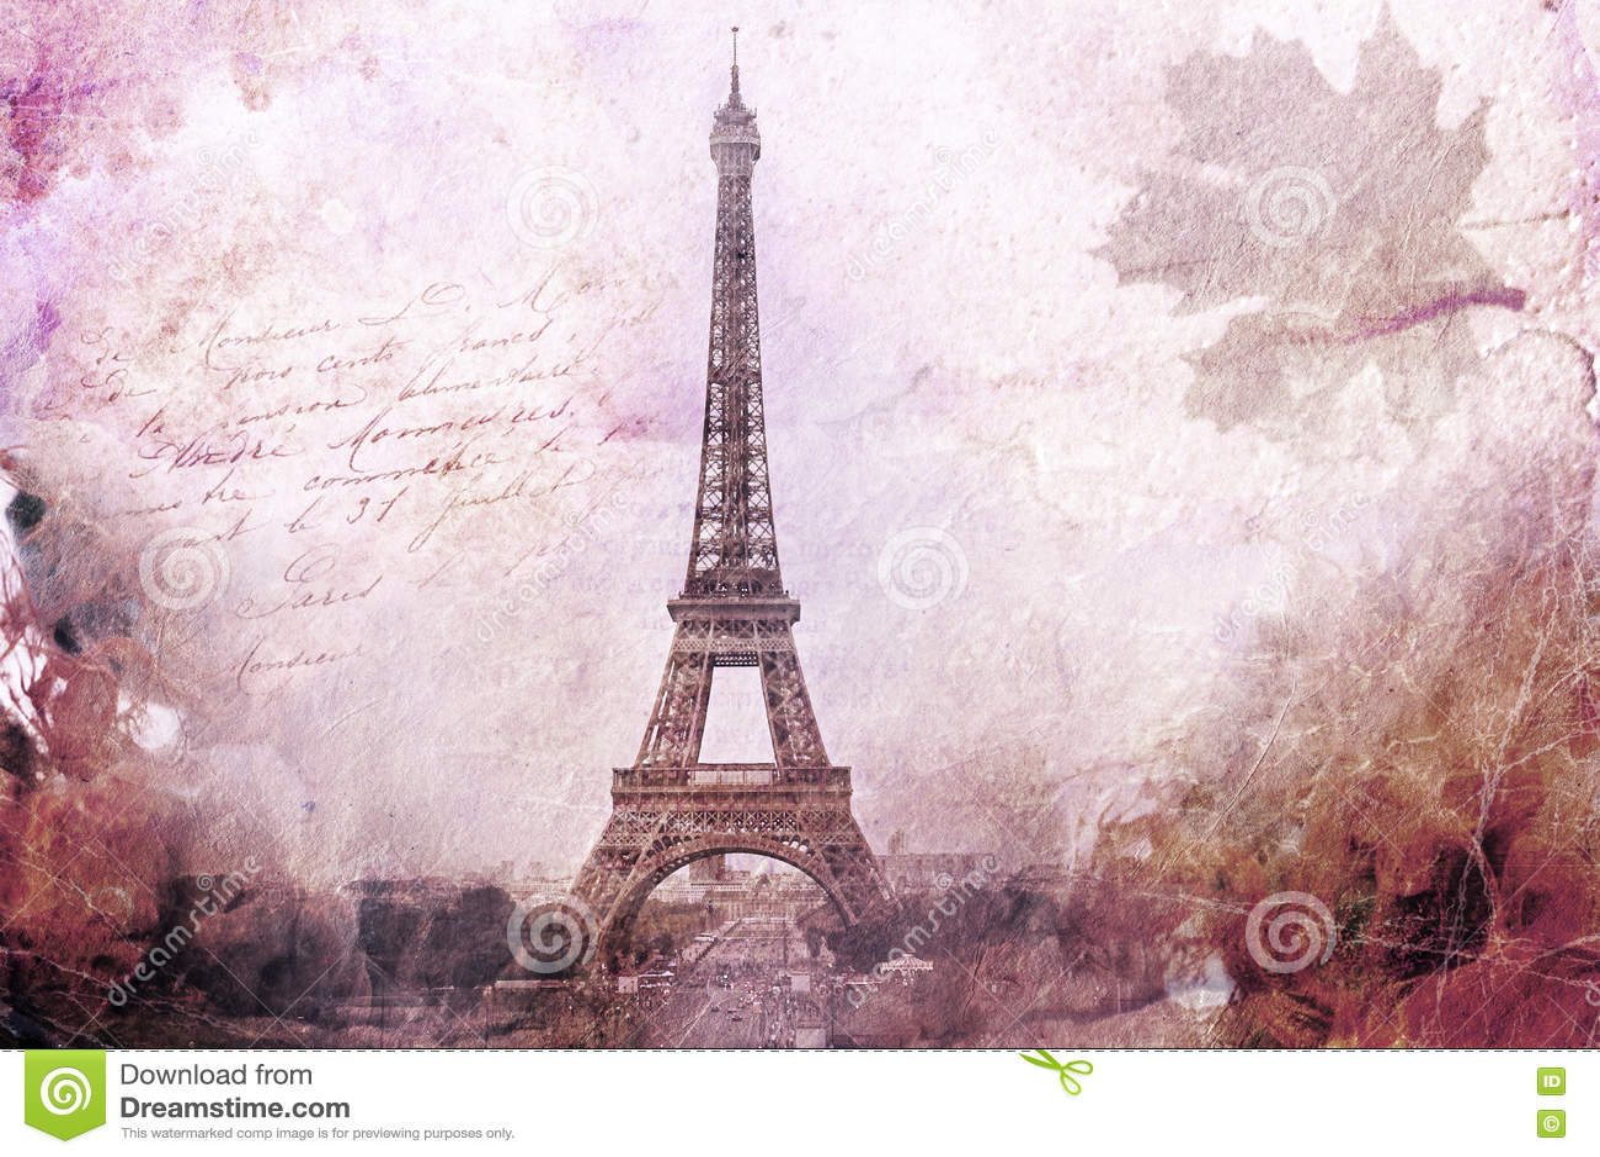 Arte digital abstracto de la torre Eiffel en París, púrpura Papel viejo Postal, alta resolución, imprimible en lona